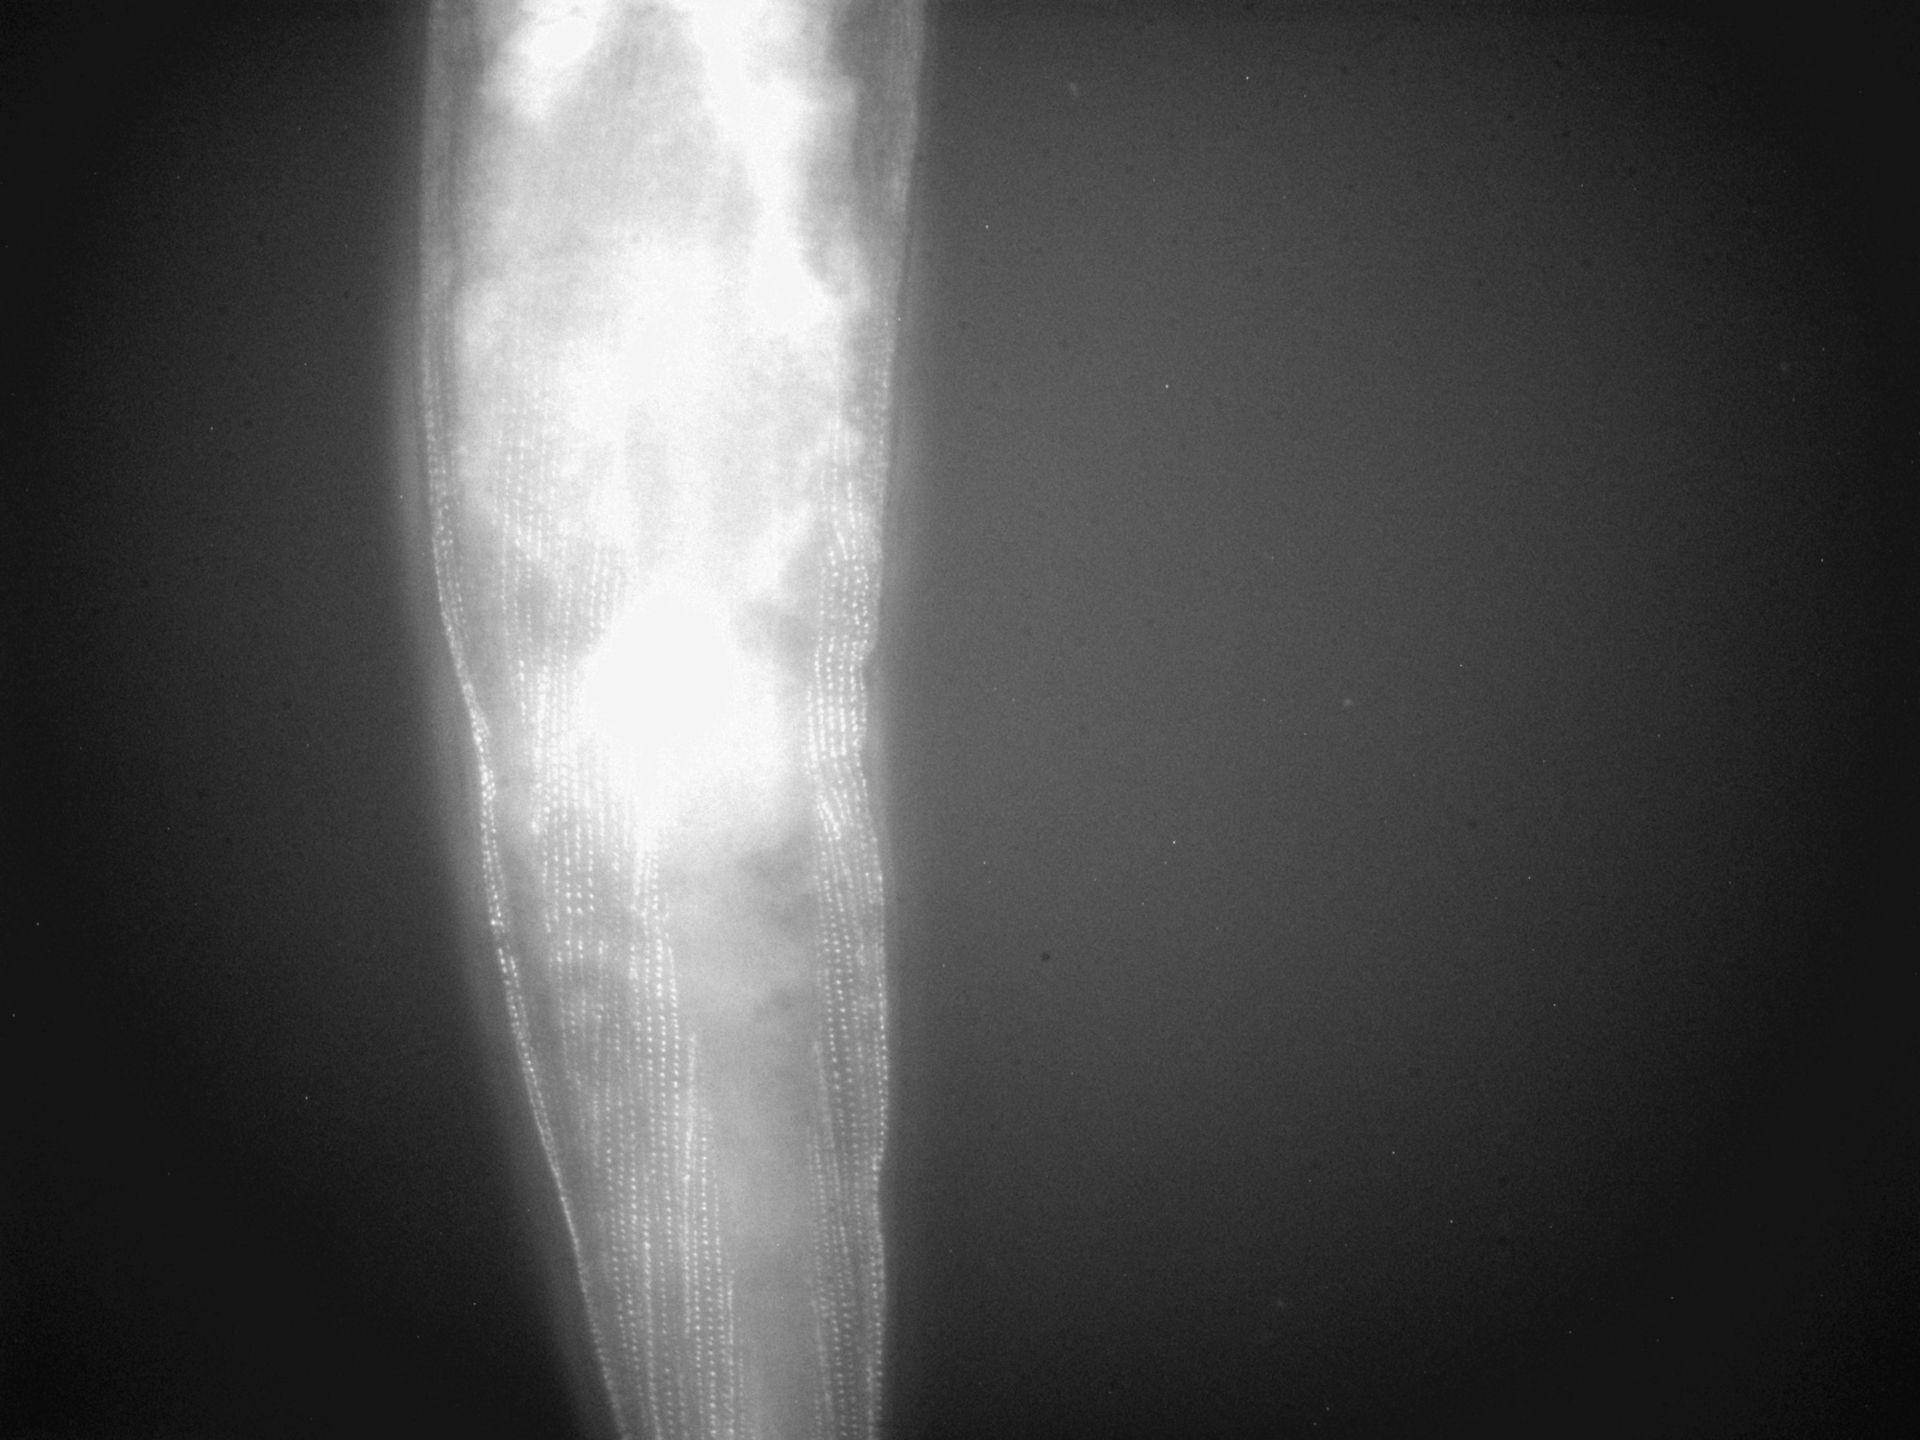 Caenorhabditis elegans (Actin filament) - CIL:1303